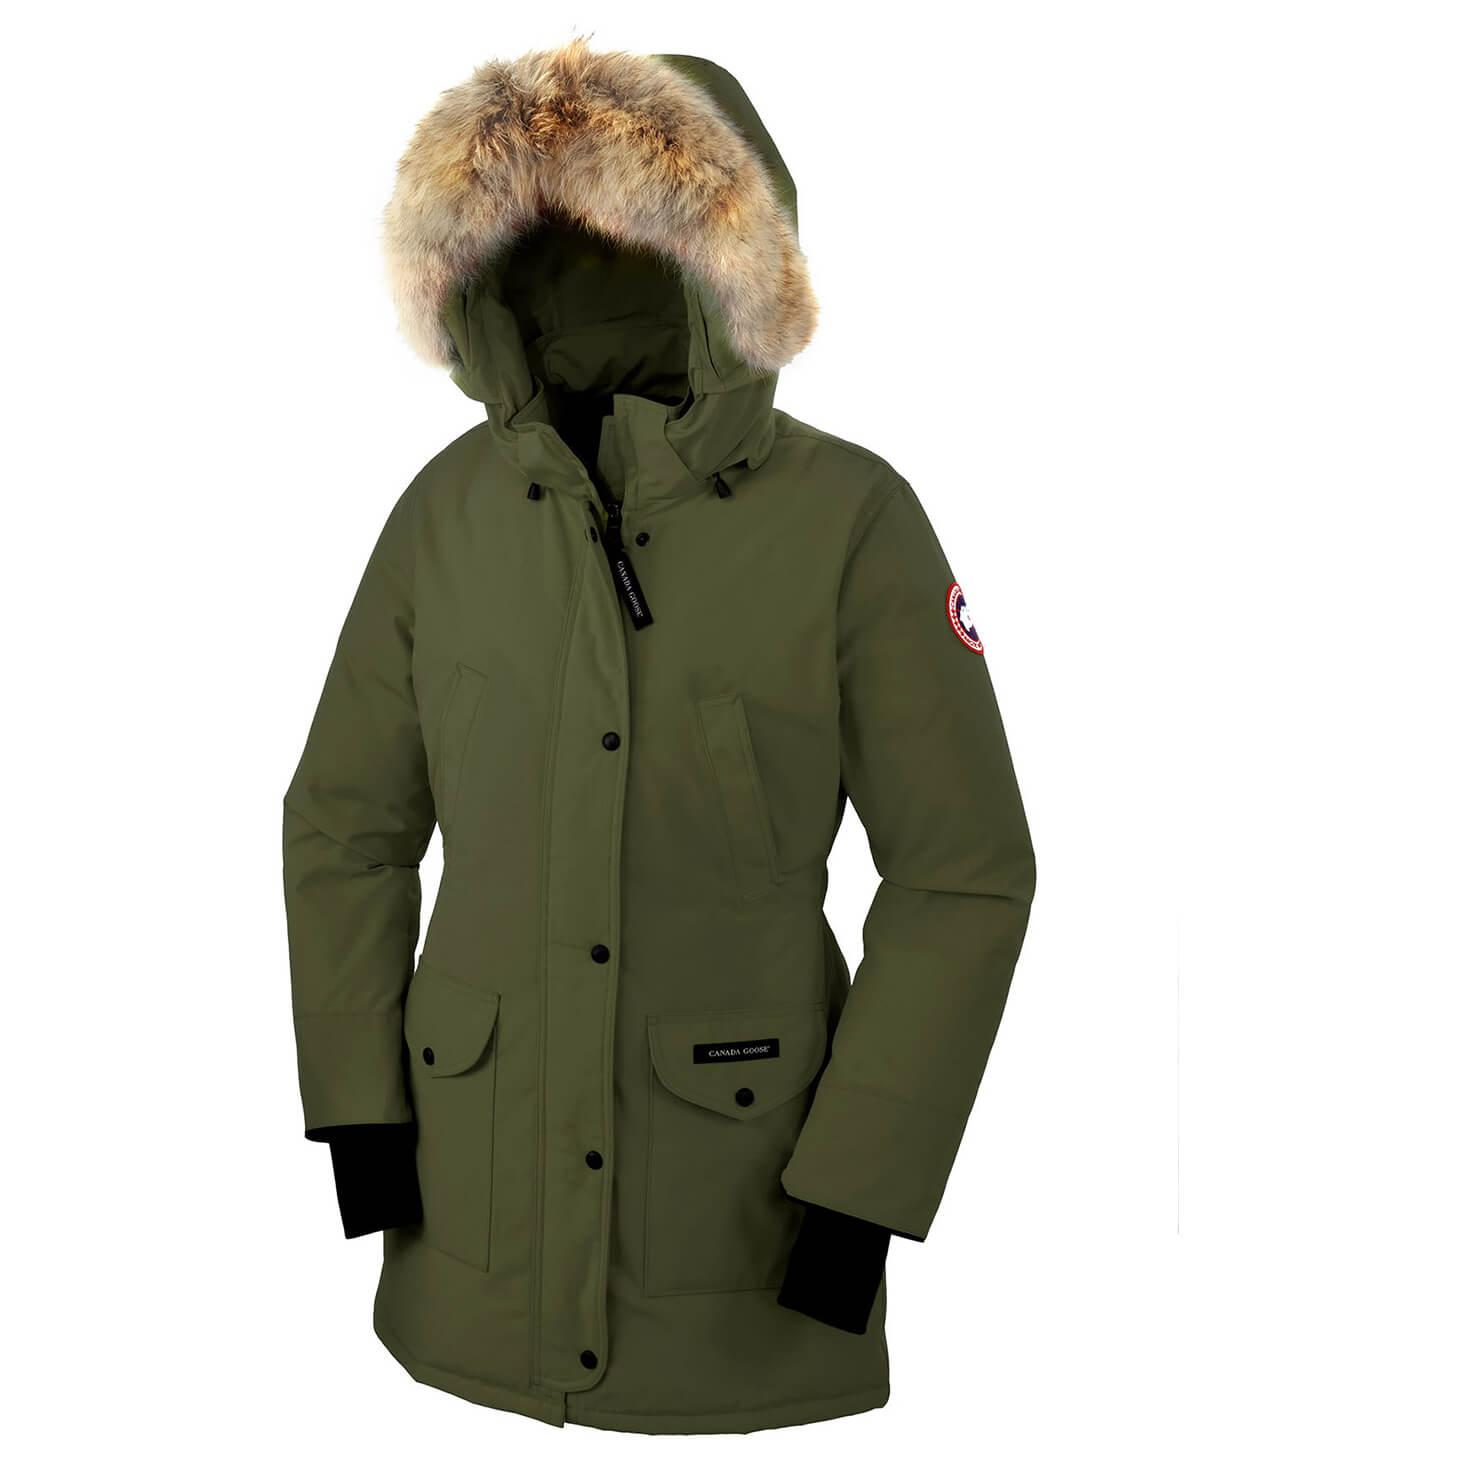 Kaufe die Canada Goose Damen Bekleidung Jacken Für